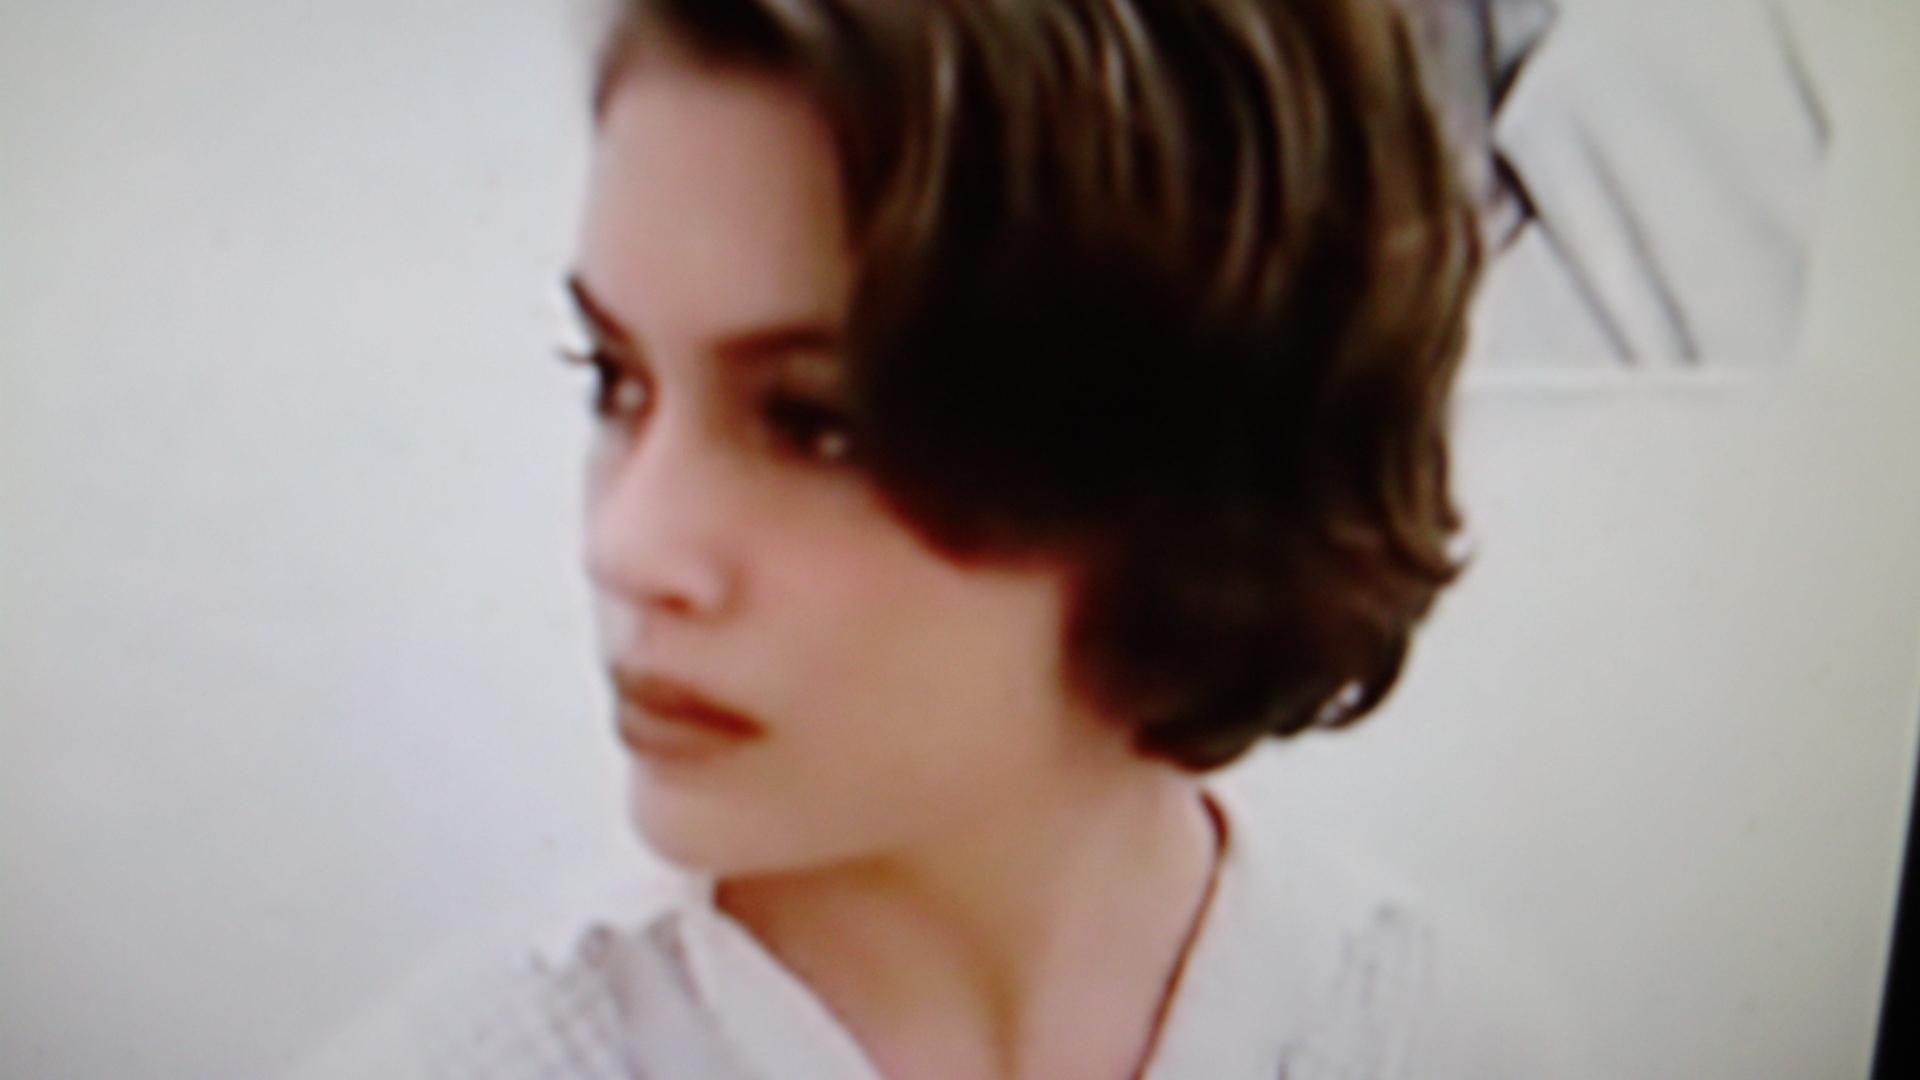 Alyssa Milano Breast Implants alyssa milano art photography collections